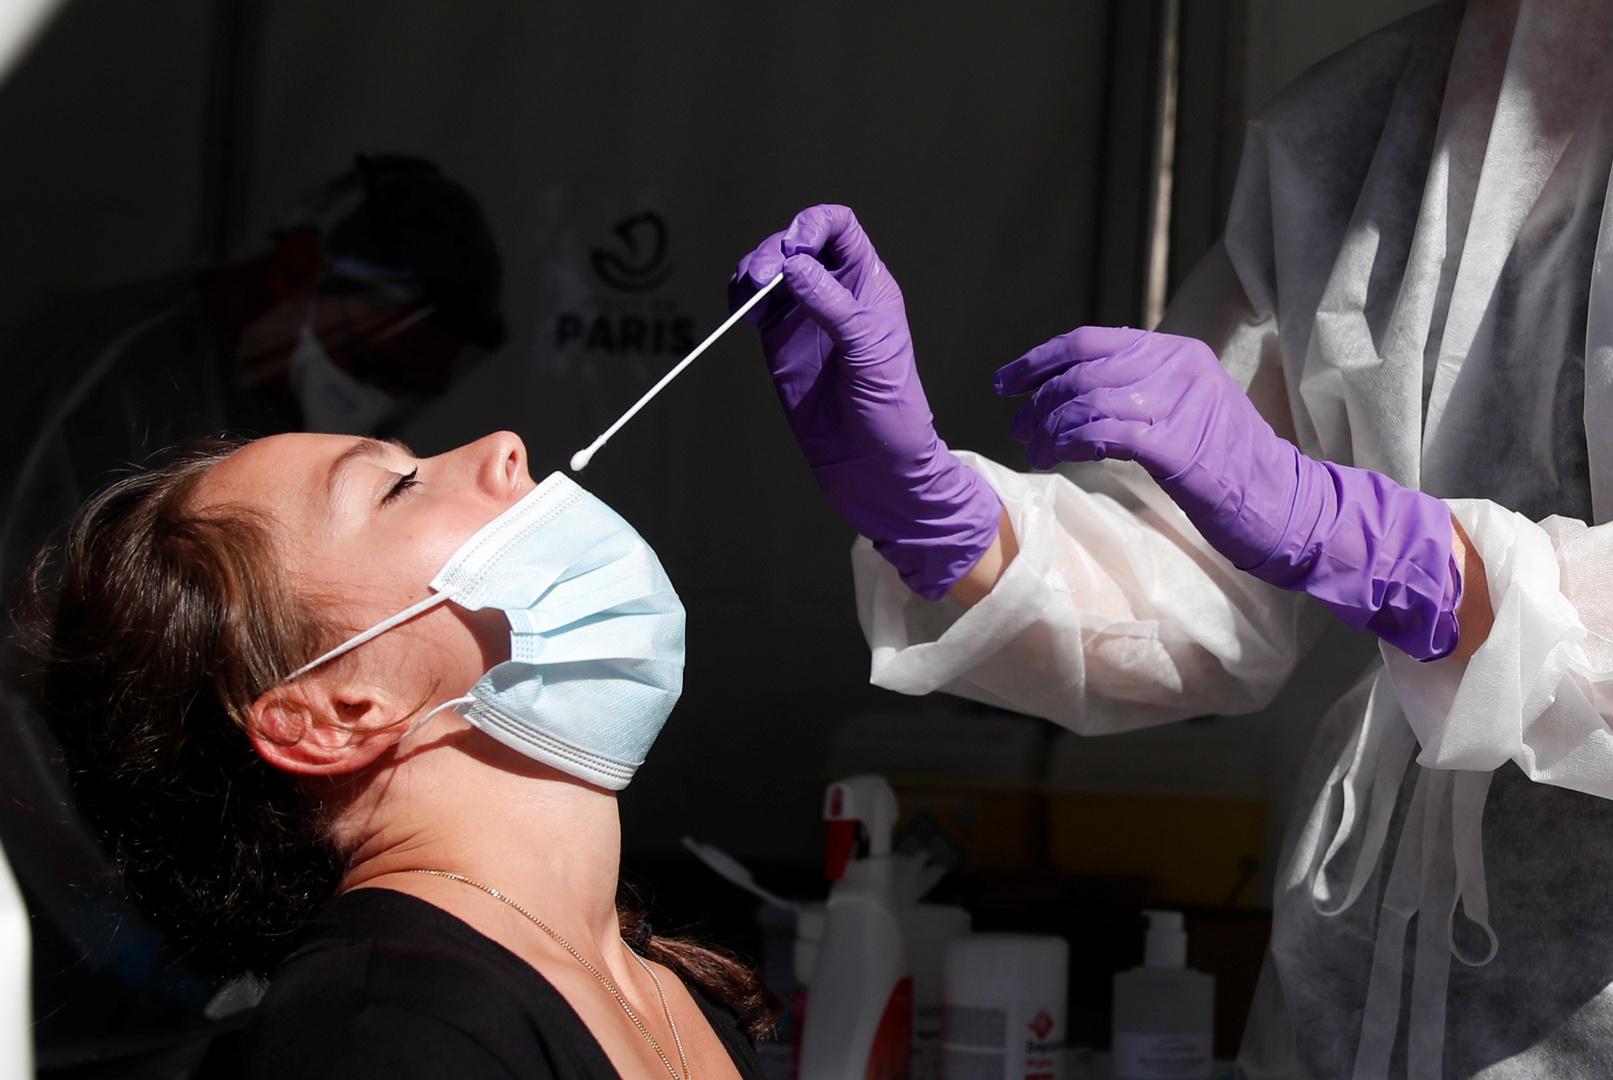 فرنسا تسجل حصيلة يومية قياسية في الإصابات بكورونا